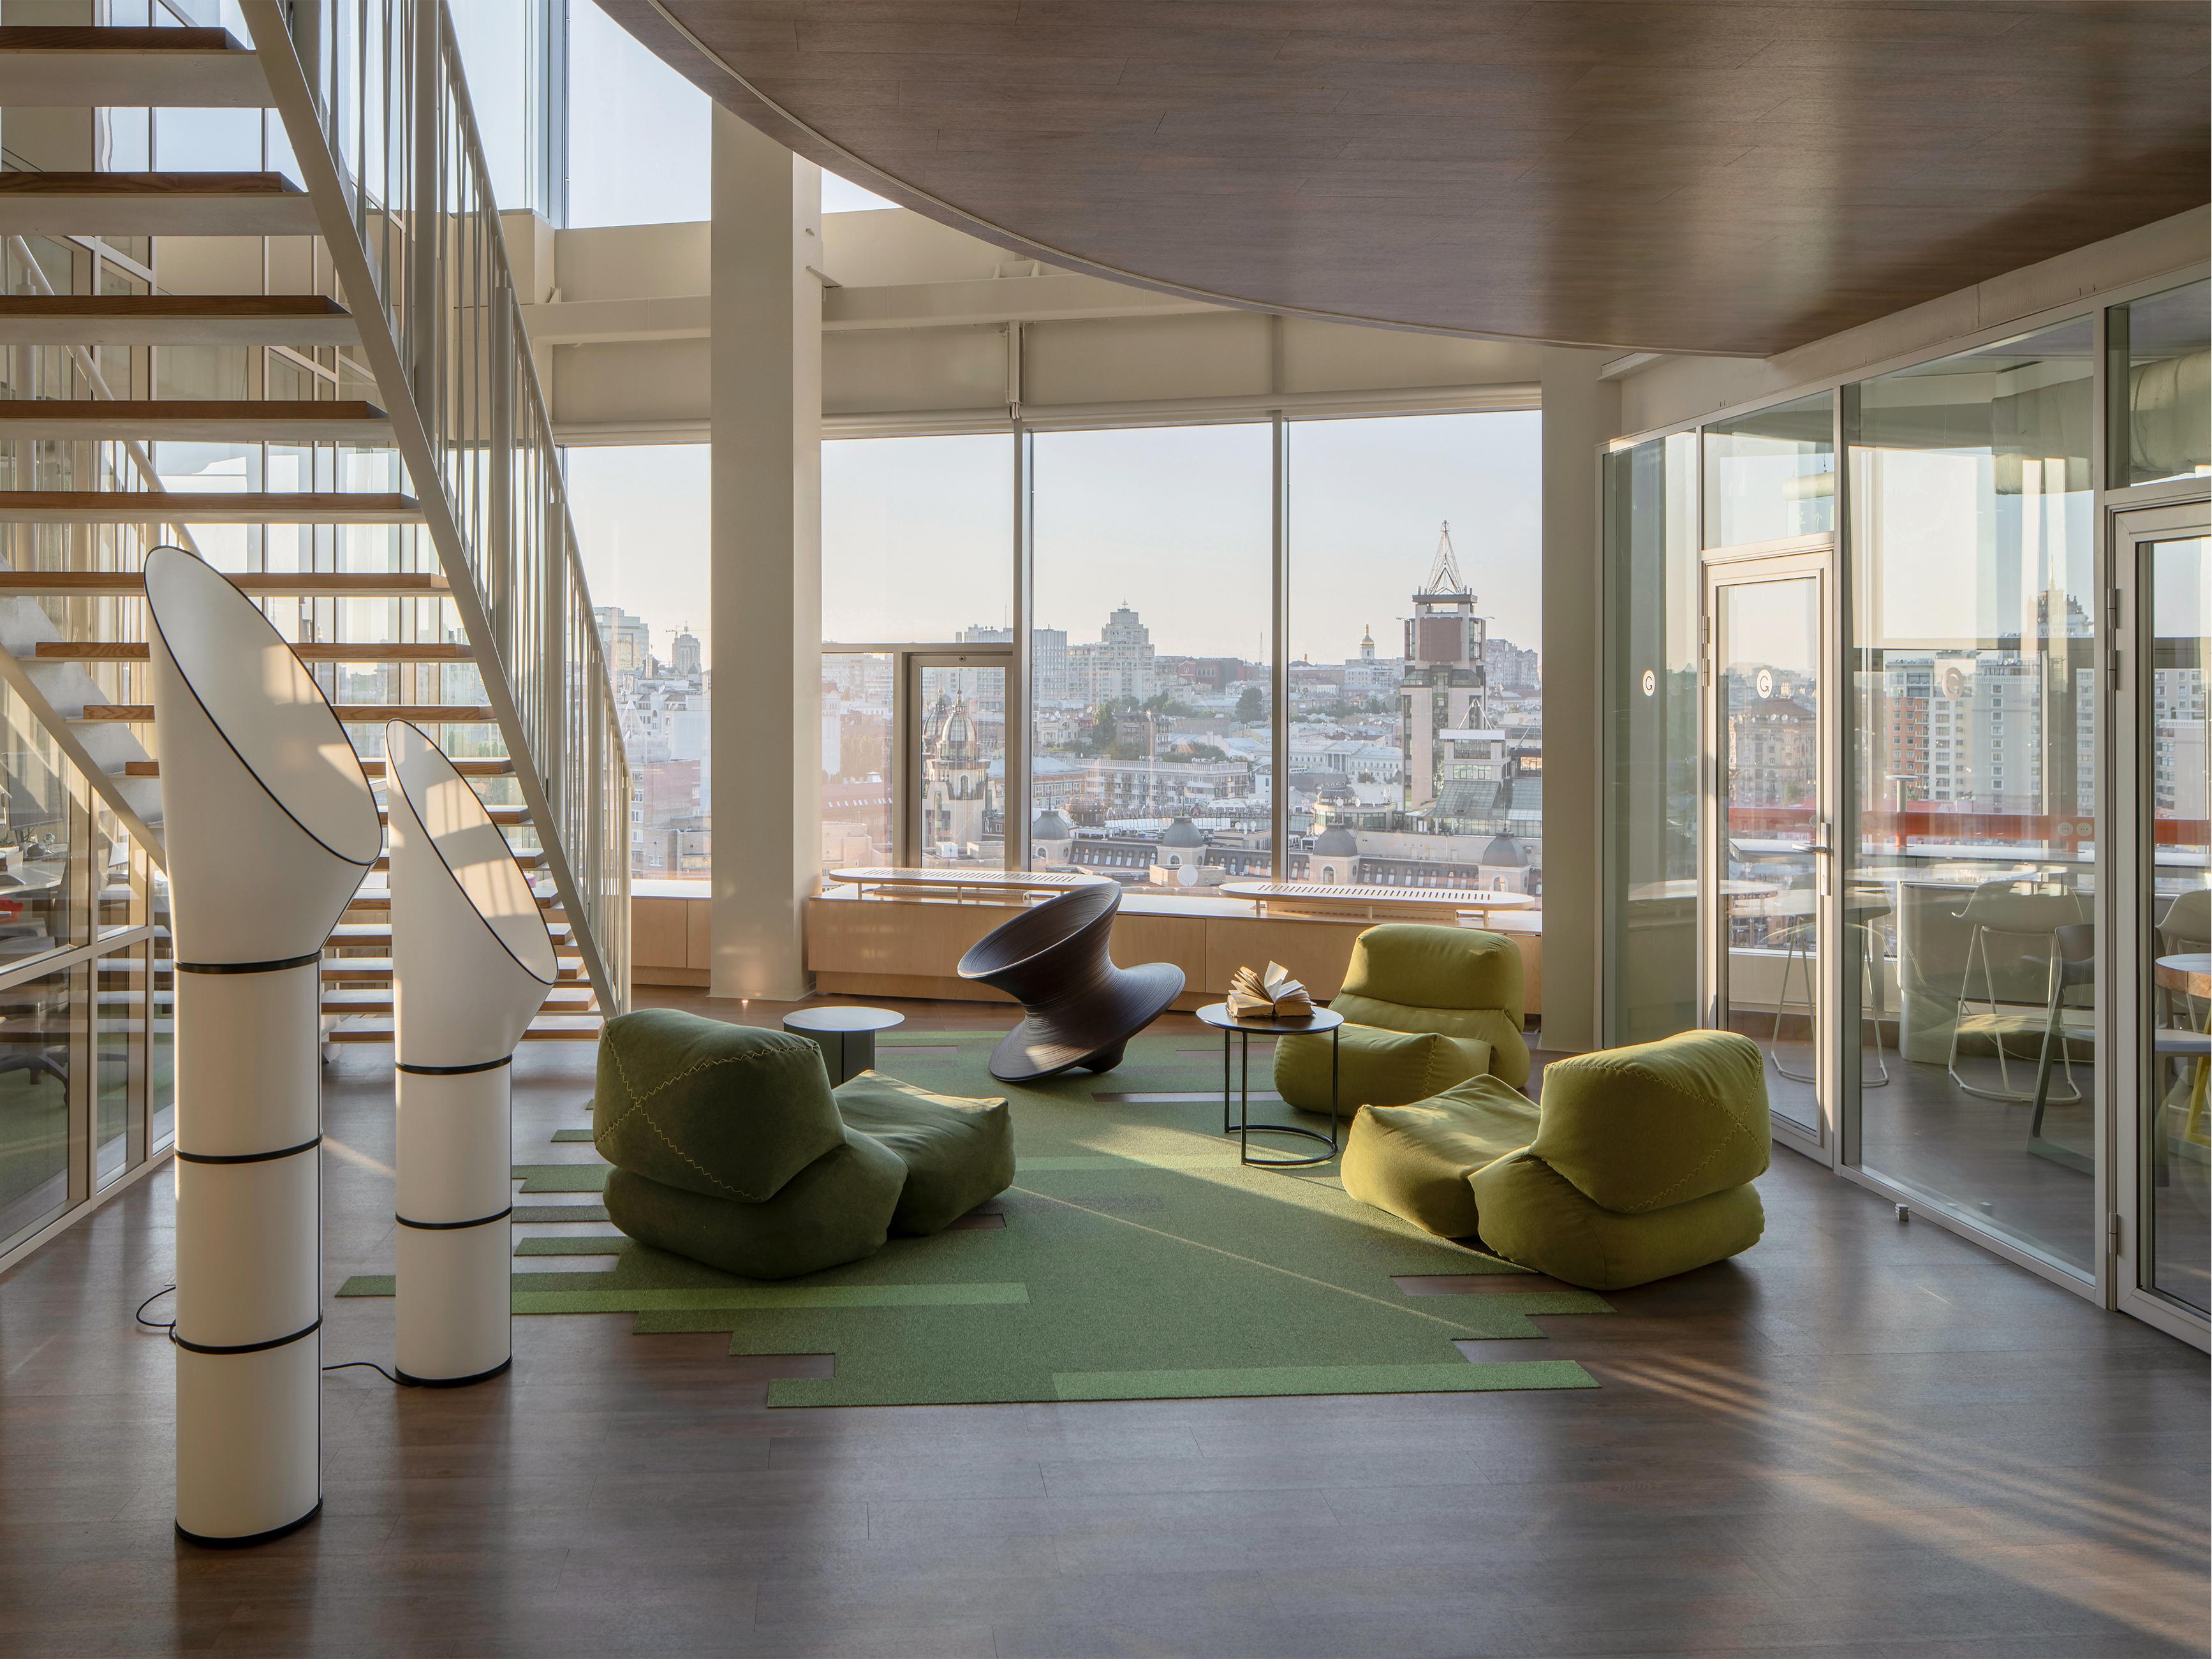 Zdjęcie jednej z przestrzeni wypoczynkowych biura  Grammarly.